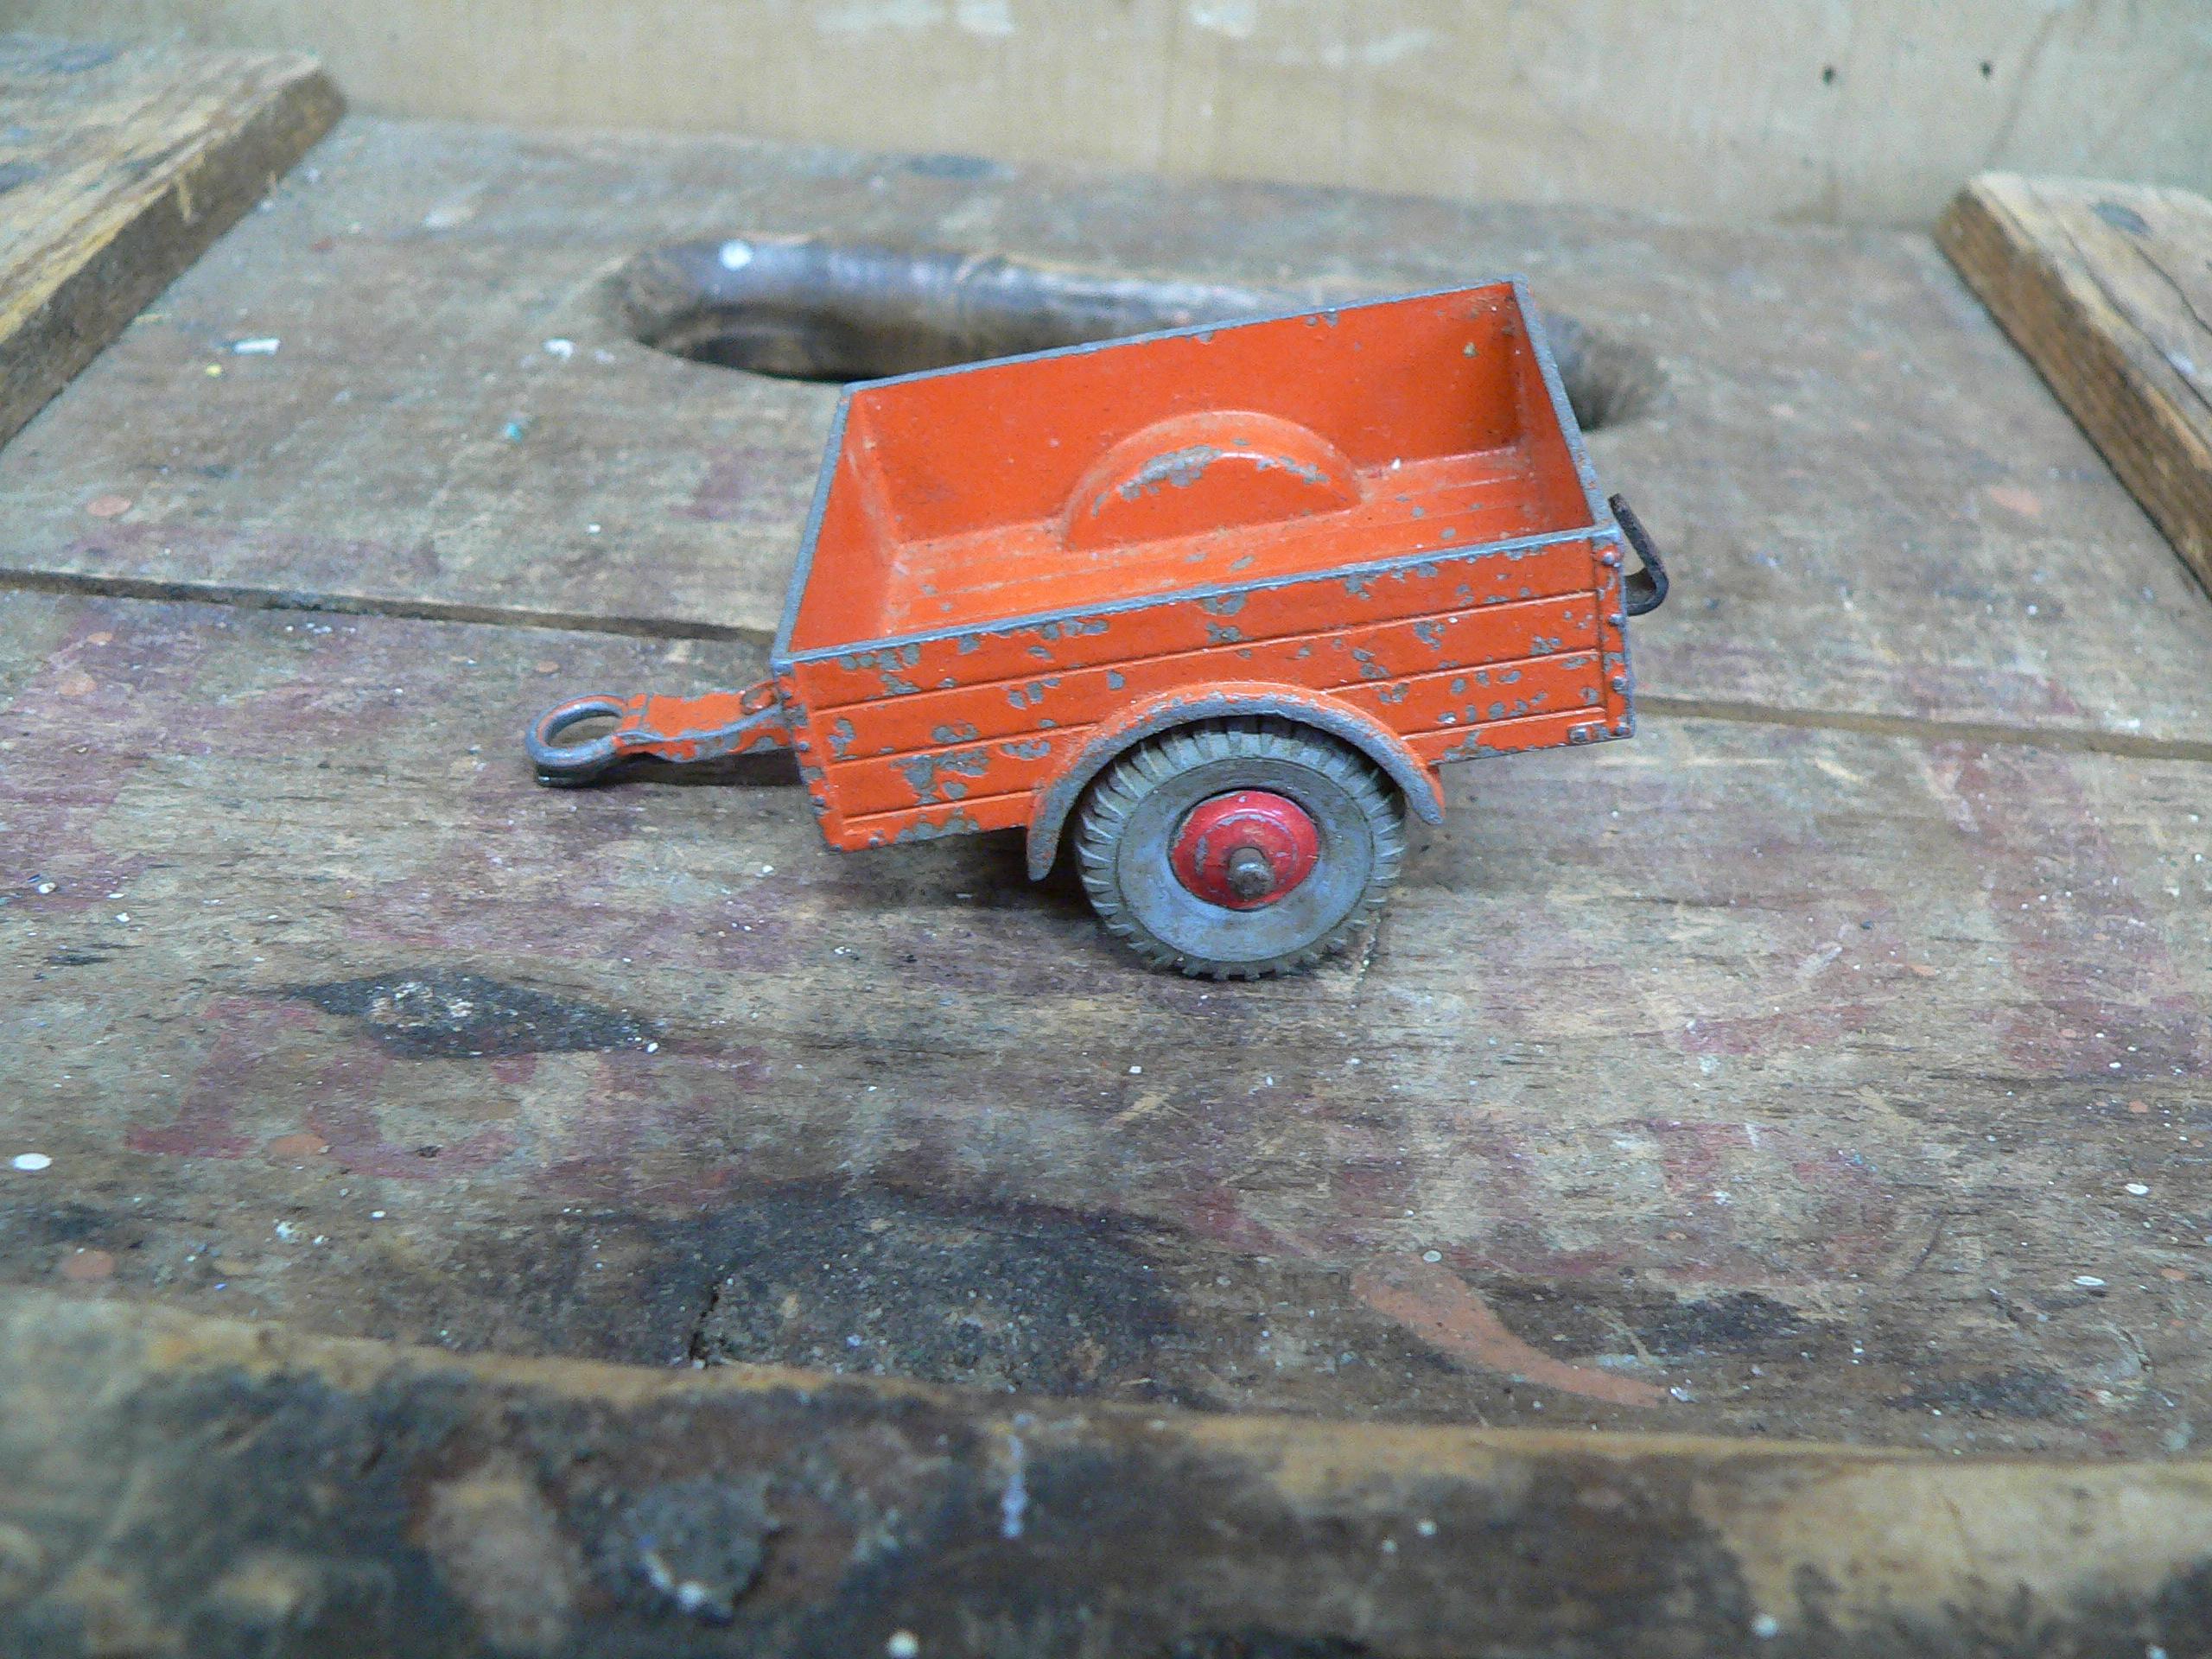 Trailer land rover orange # 5923.21